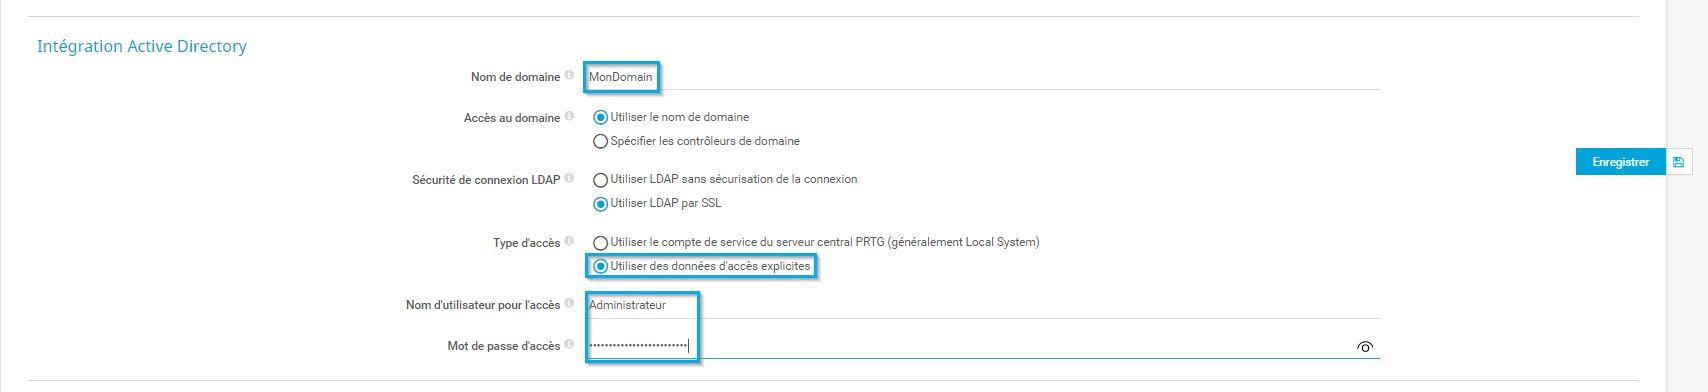 Détails du domaine Active Directory